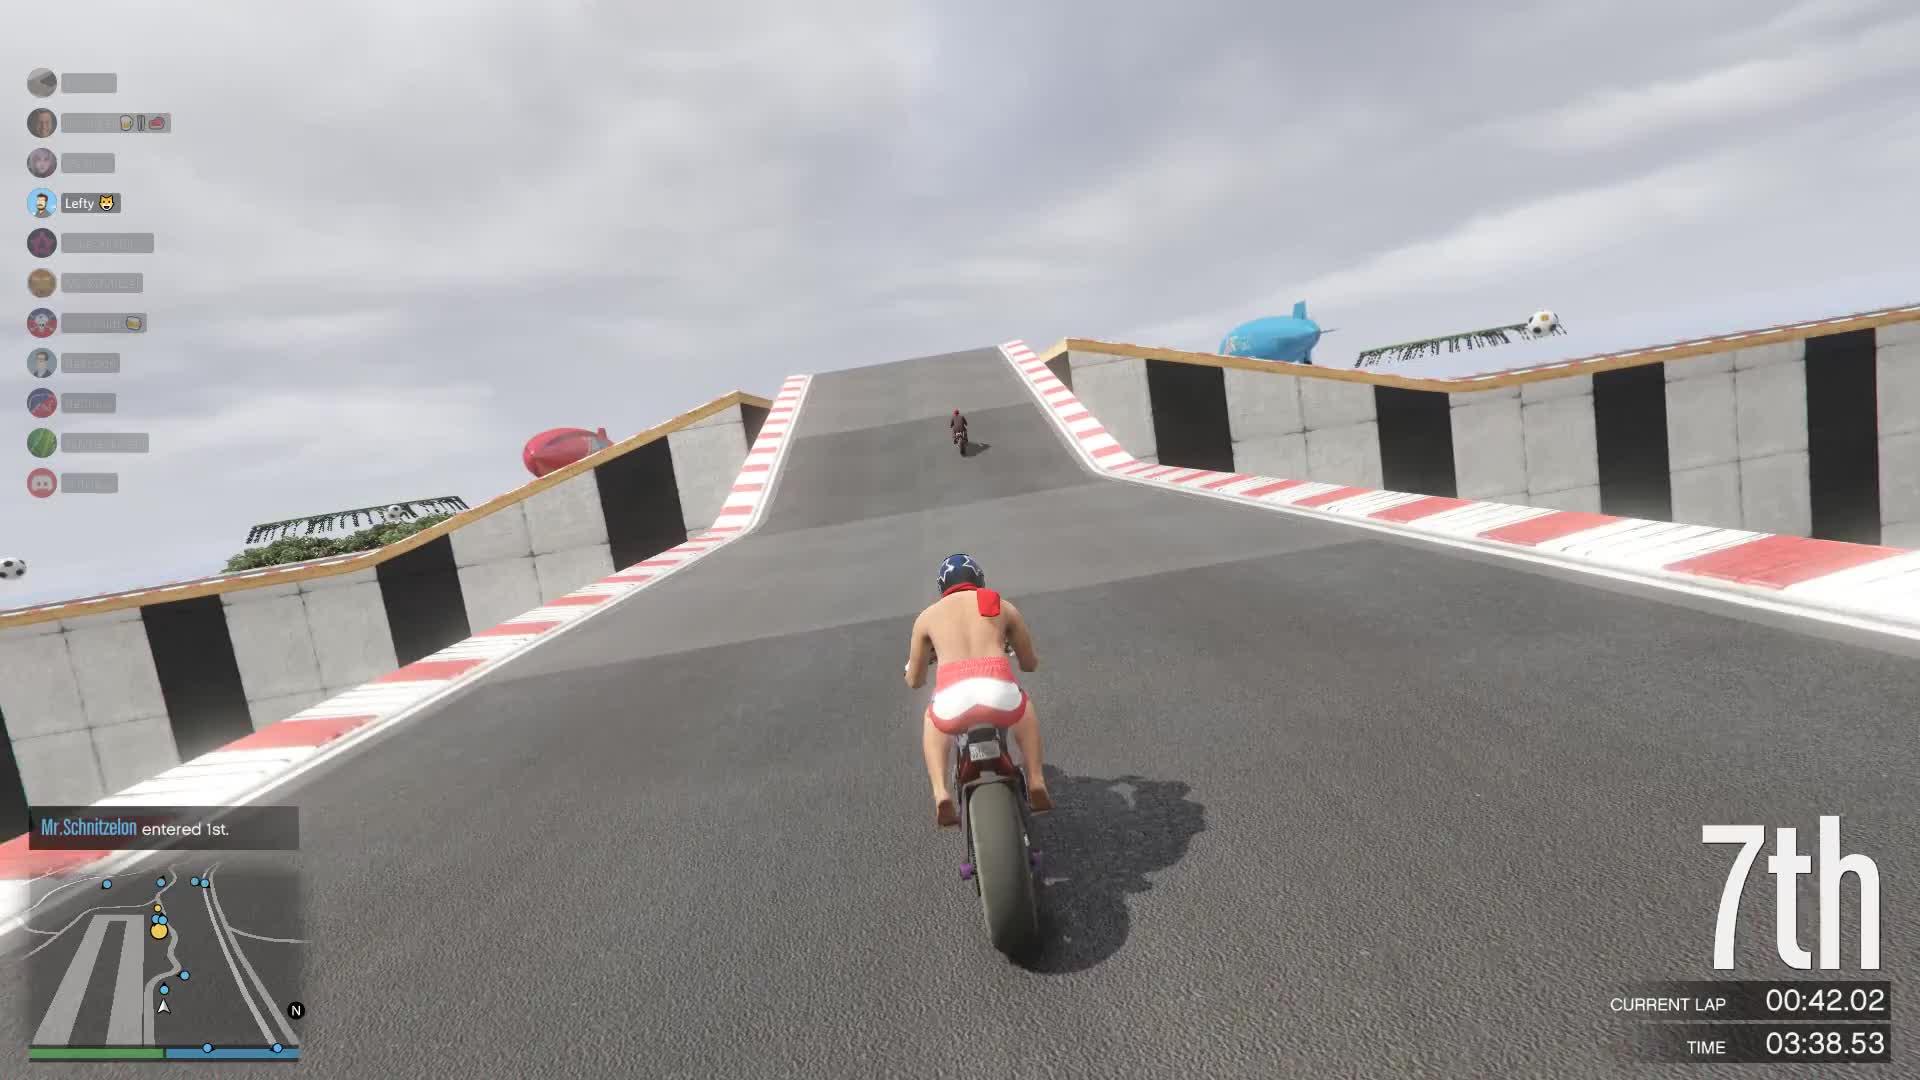 gta motorrad kreuzung 4 GIFs